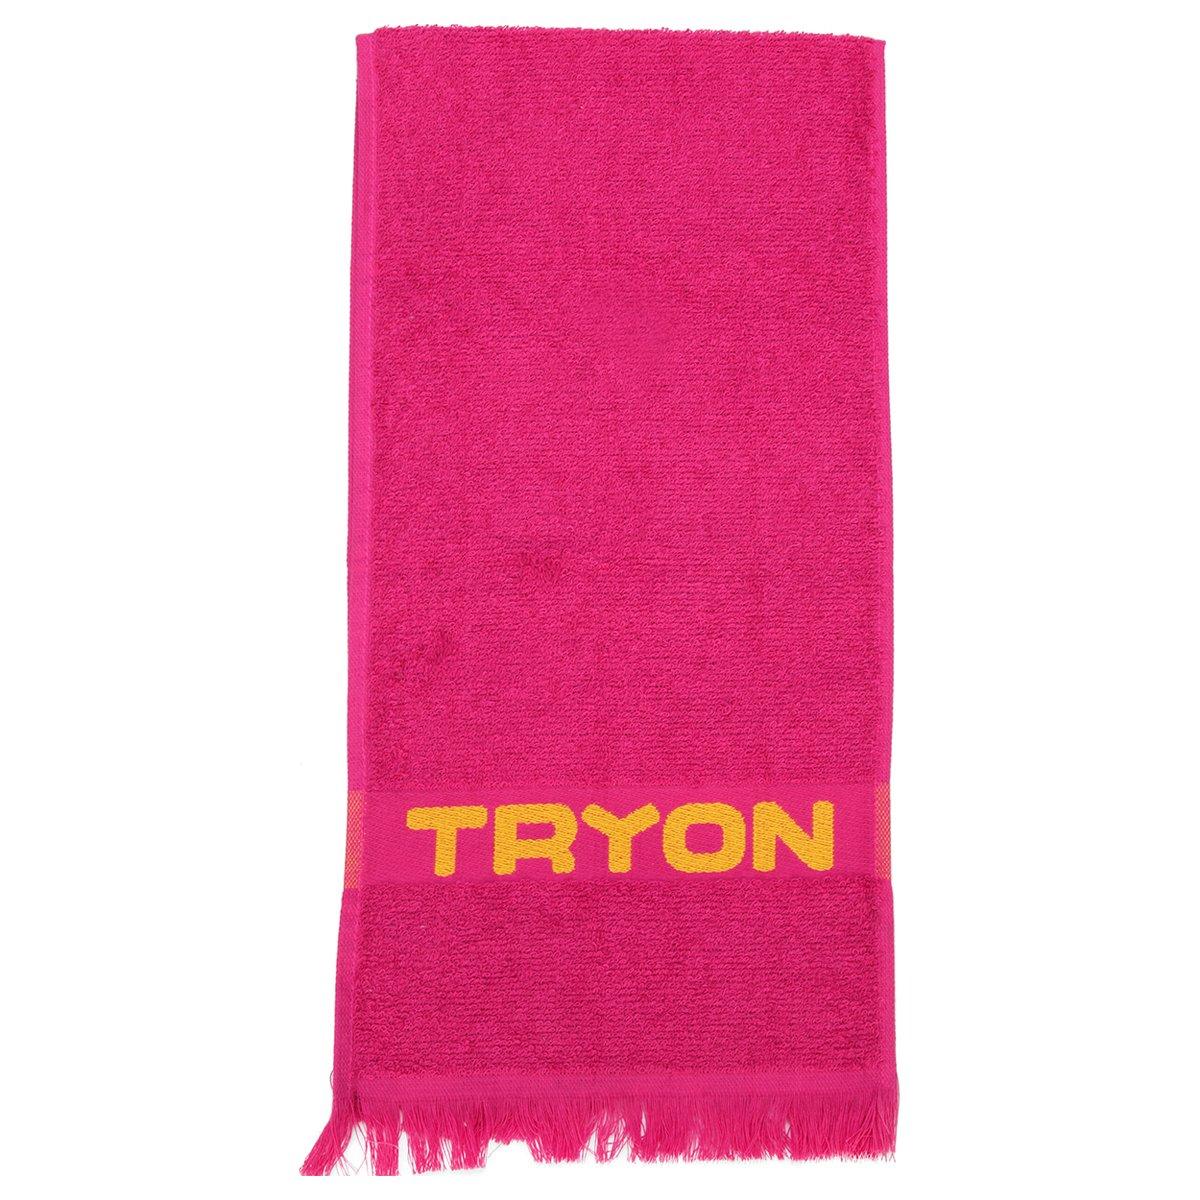 Toalha Tryon